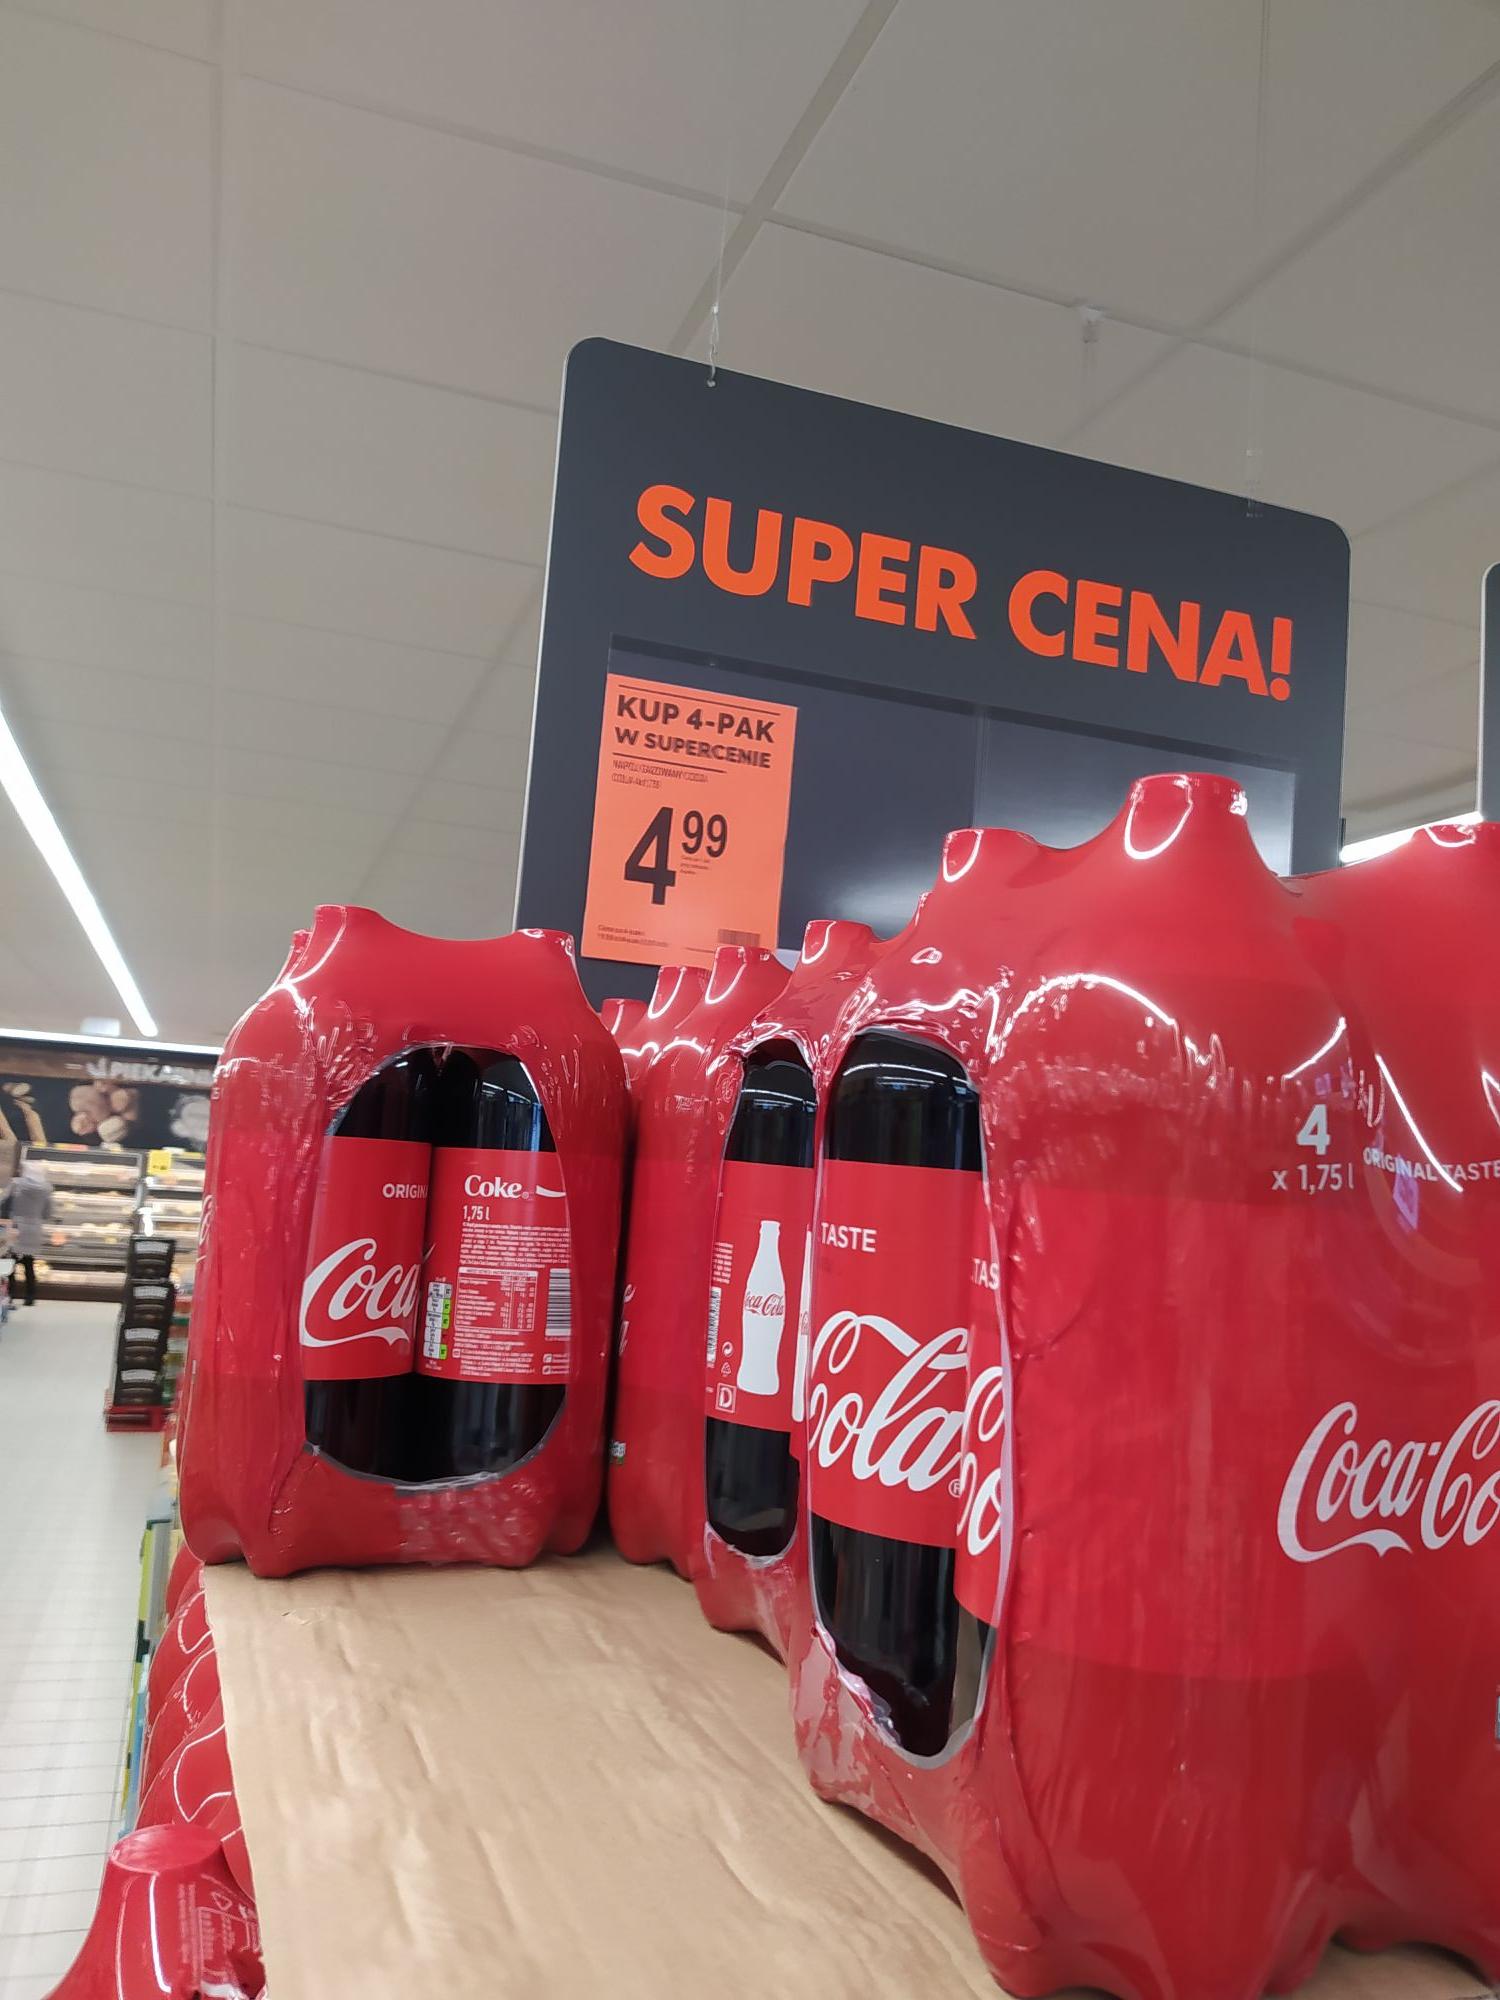 Coca Cola 4x 1.75